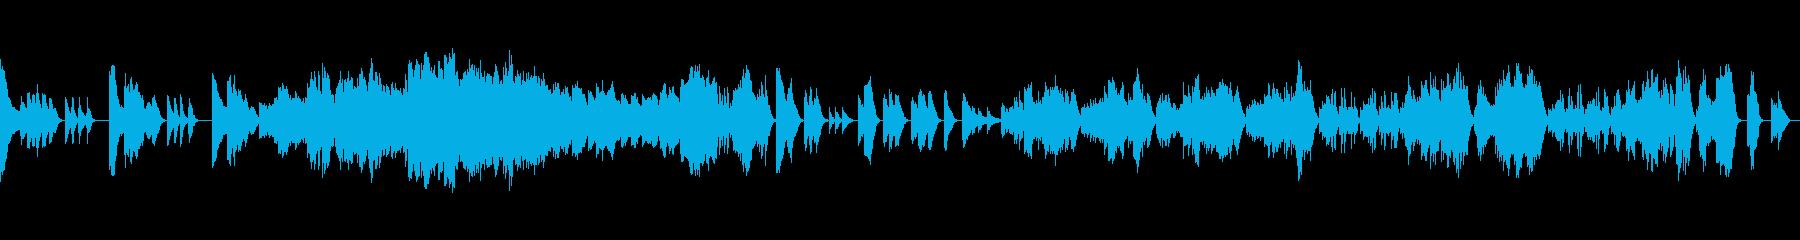 力強く厳格なクラシックピアノの再生済みの波形